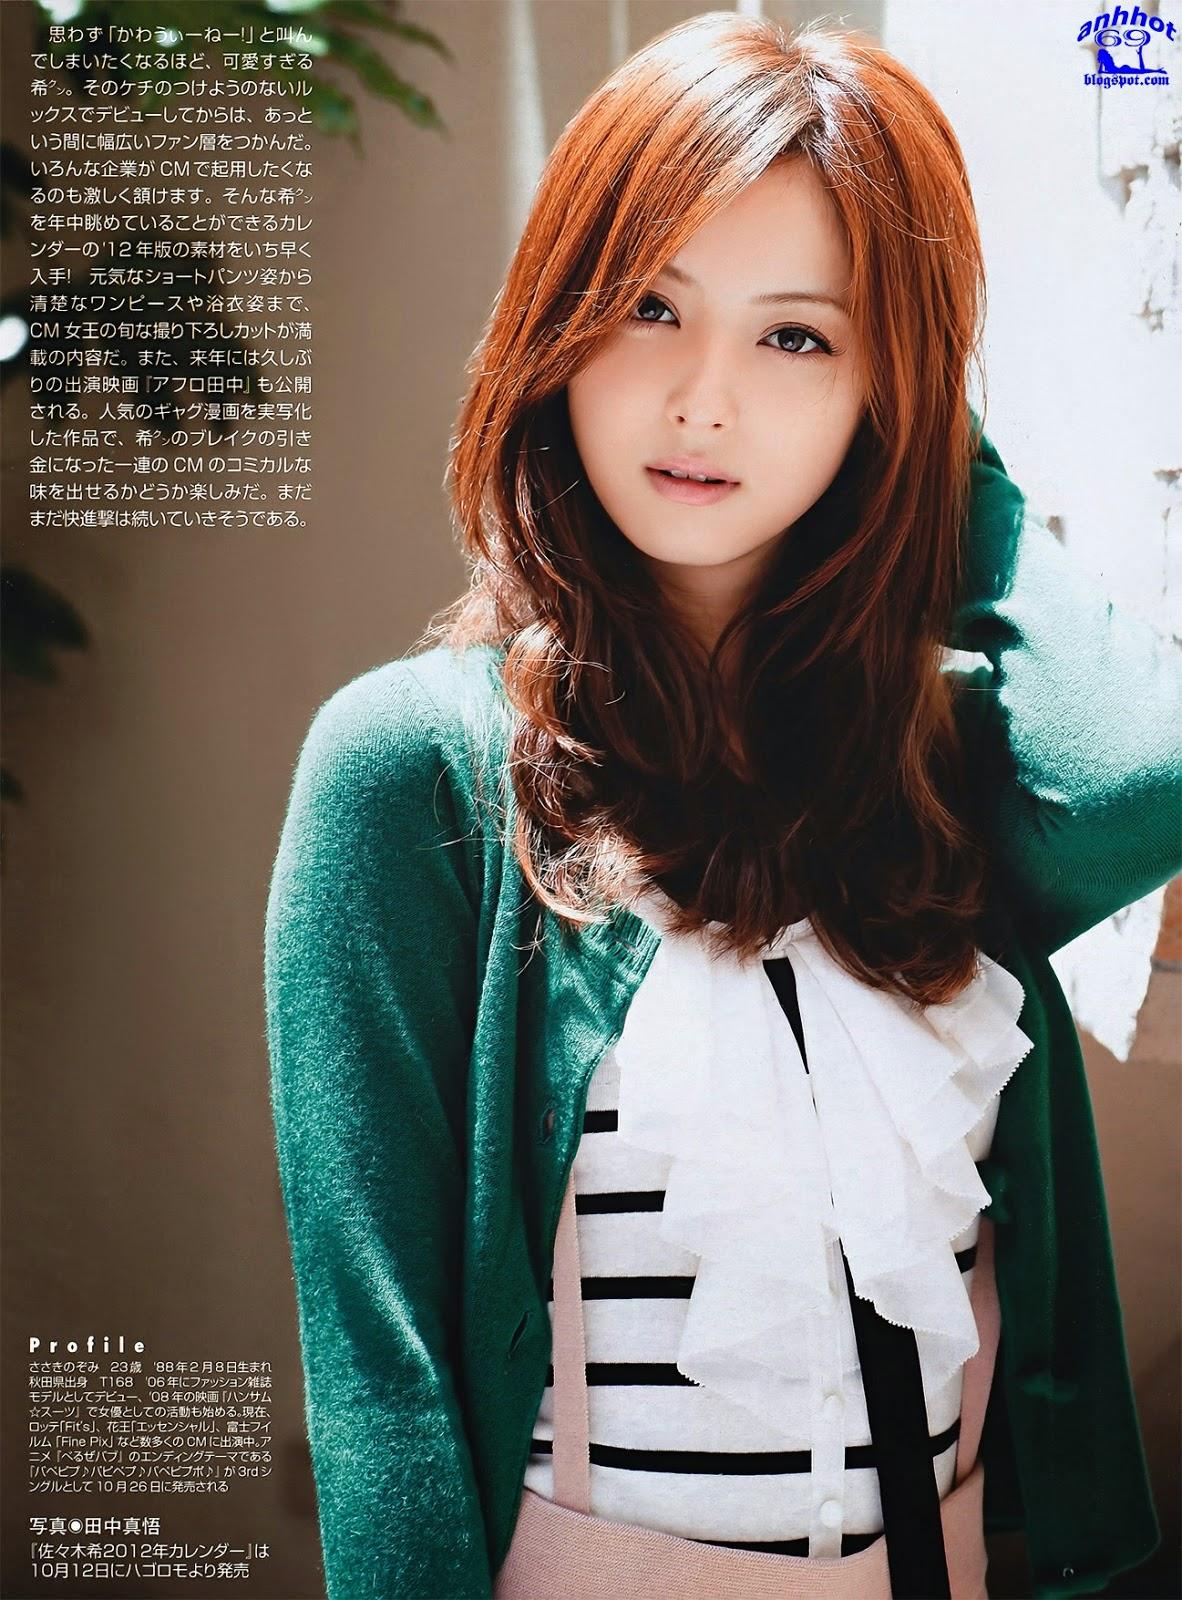 nozomi-sasaki-01291067